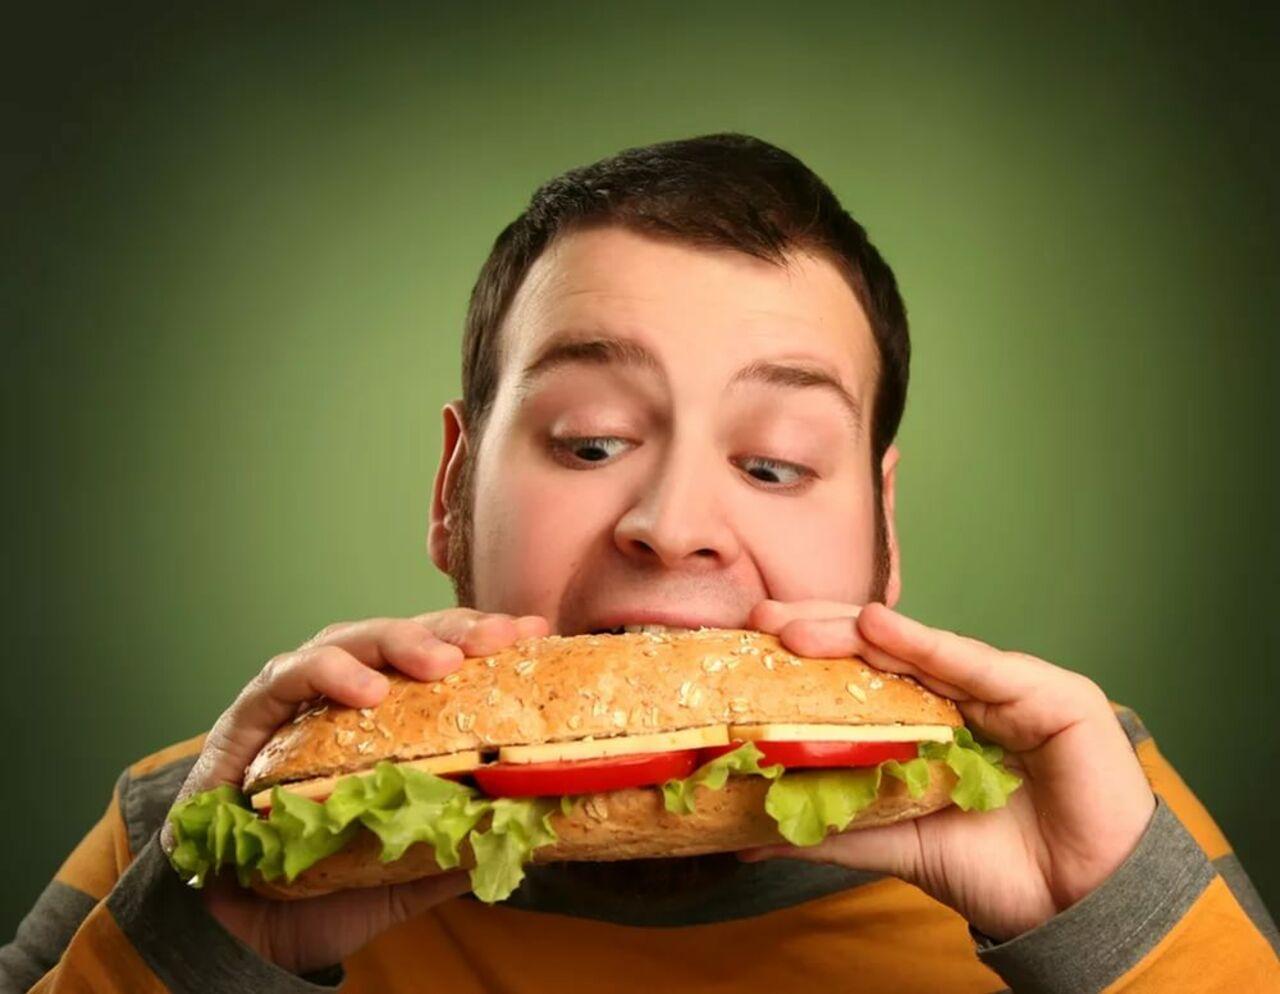 ВПетербурге Burger King оплатил забесплатный пирожок 110 тыс. руб.